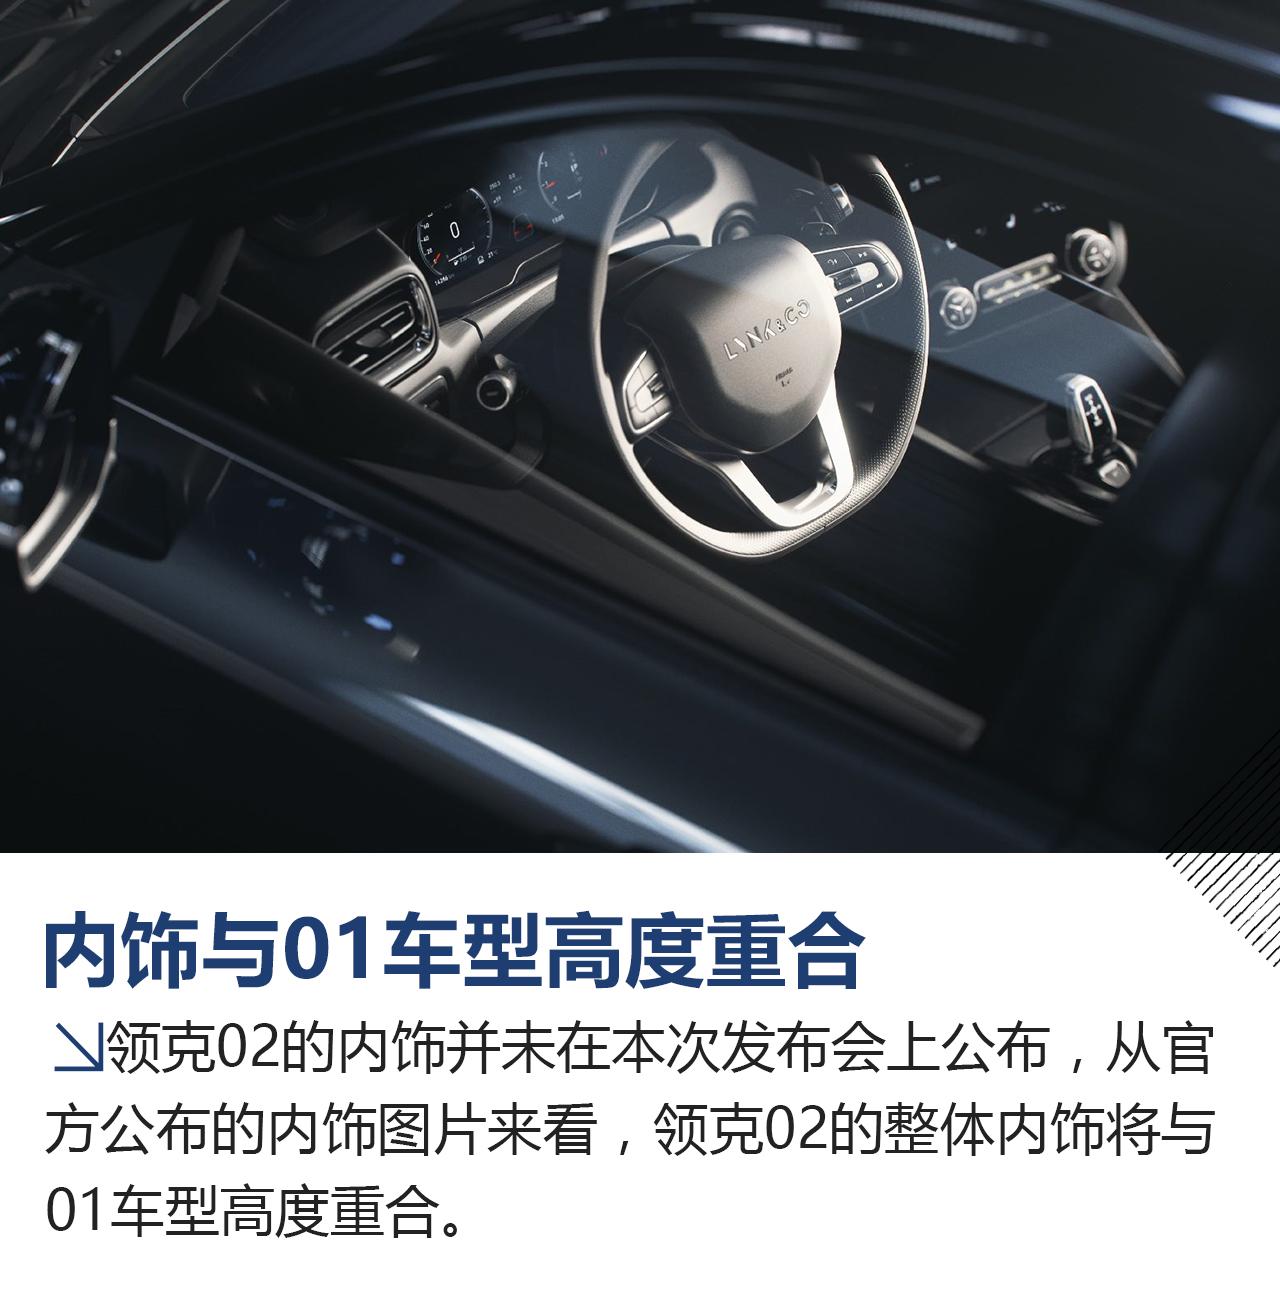 高颜值轿跑SUV 领克02实拍解析